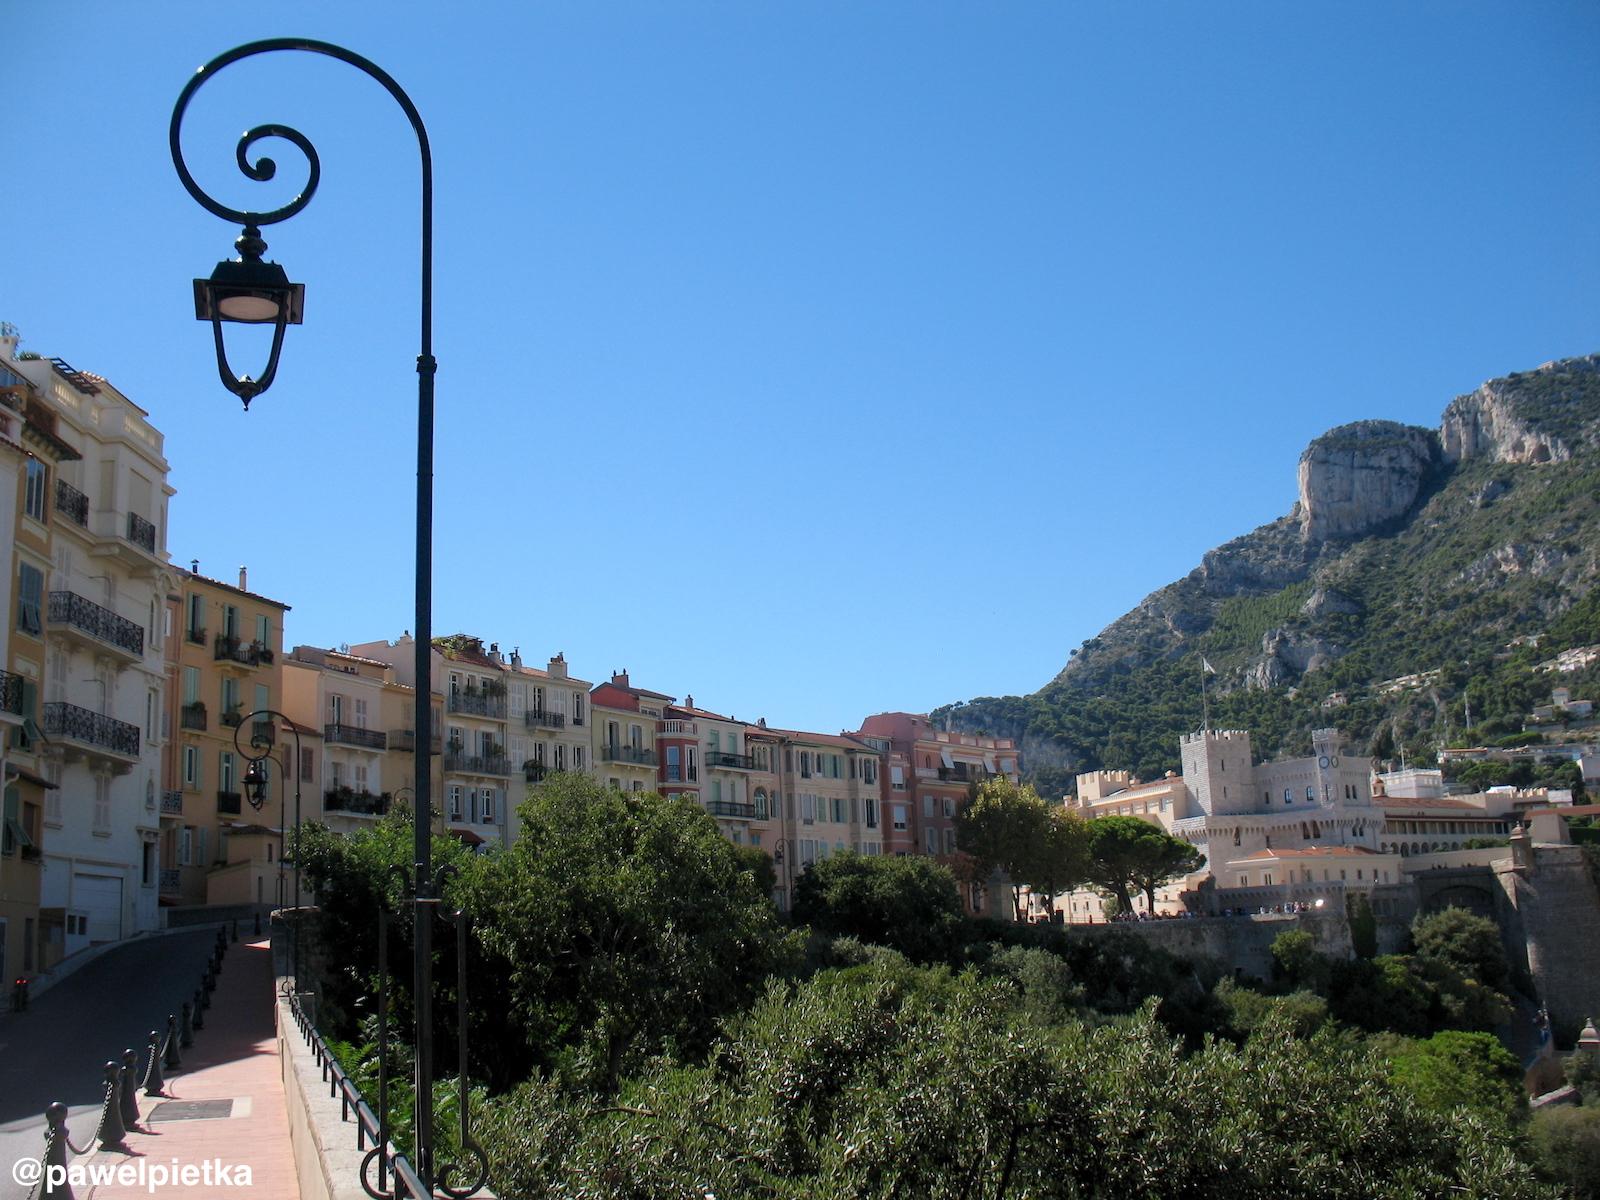 18 Monako kamienice Palac przestrzen